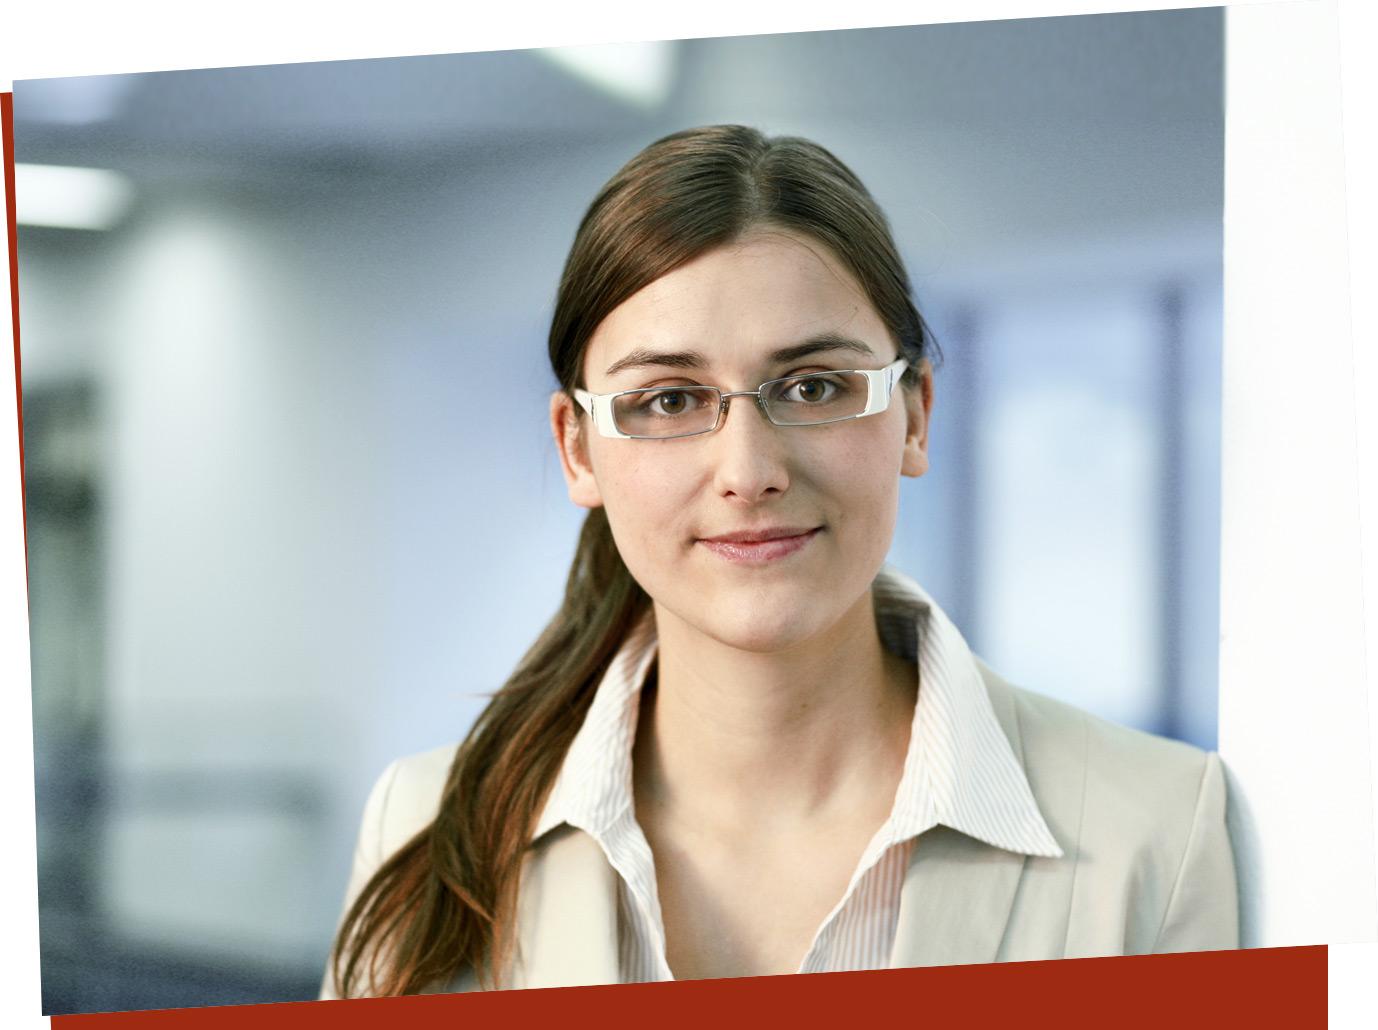 Julia Wittek, Recruiting, EOS Serviceline, seit fünf Jahren im Unternehmen. Ihr gefällt, dass EOS die Sicherheit eines Konzerns bietet und zugleich wendig wie ein Mittelständler ist.